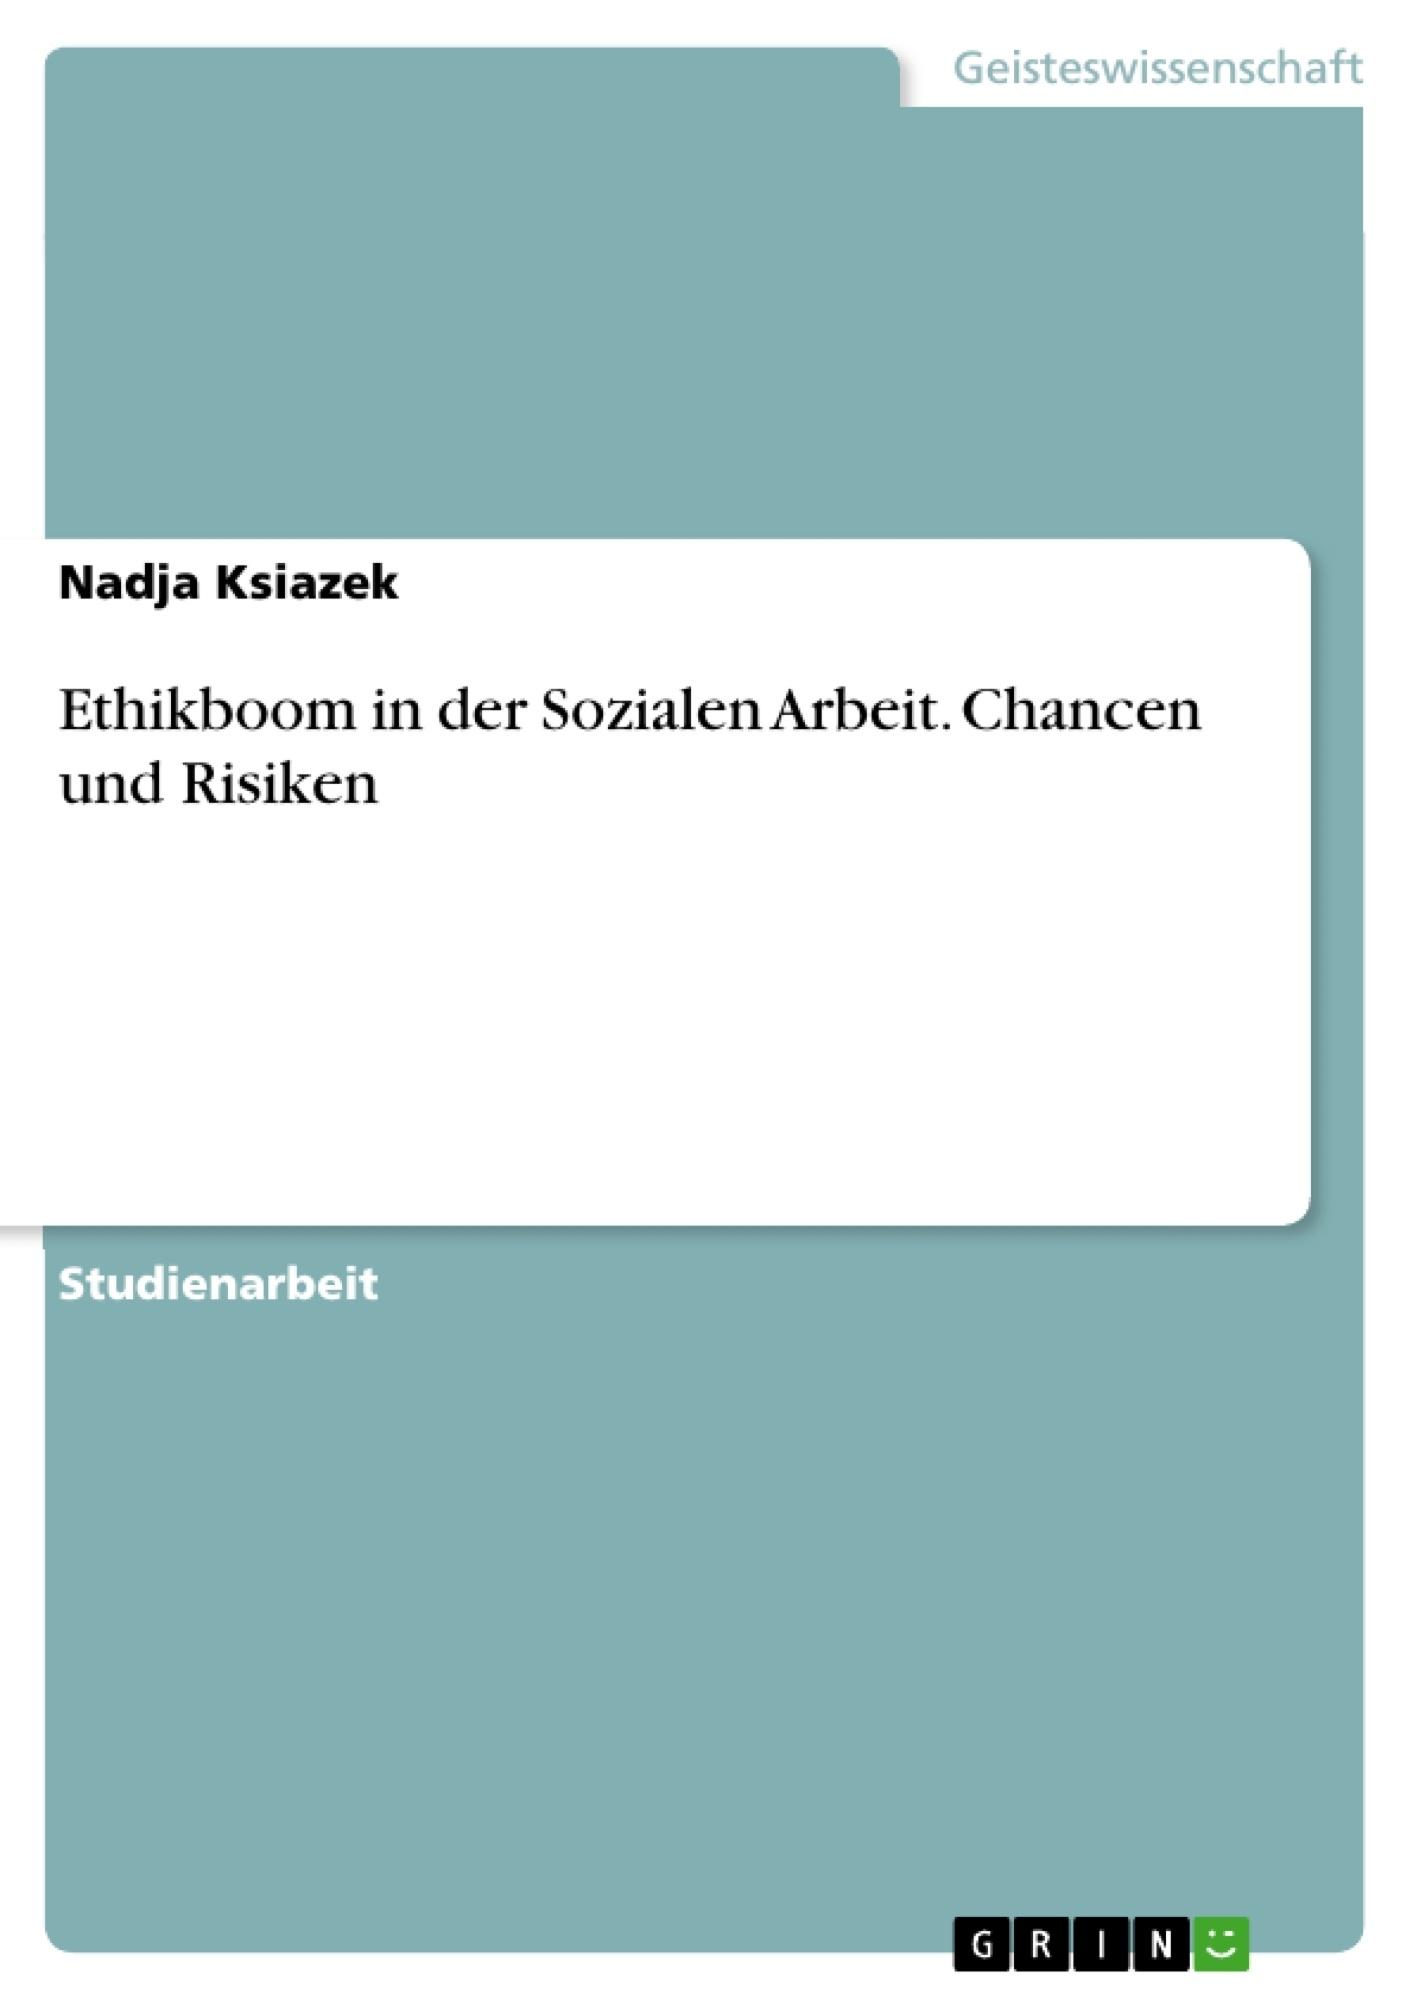 Titel: Ethikboom in der Sozialen Arbeit. Chancen und Risiken